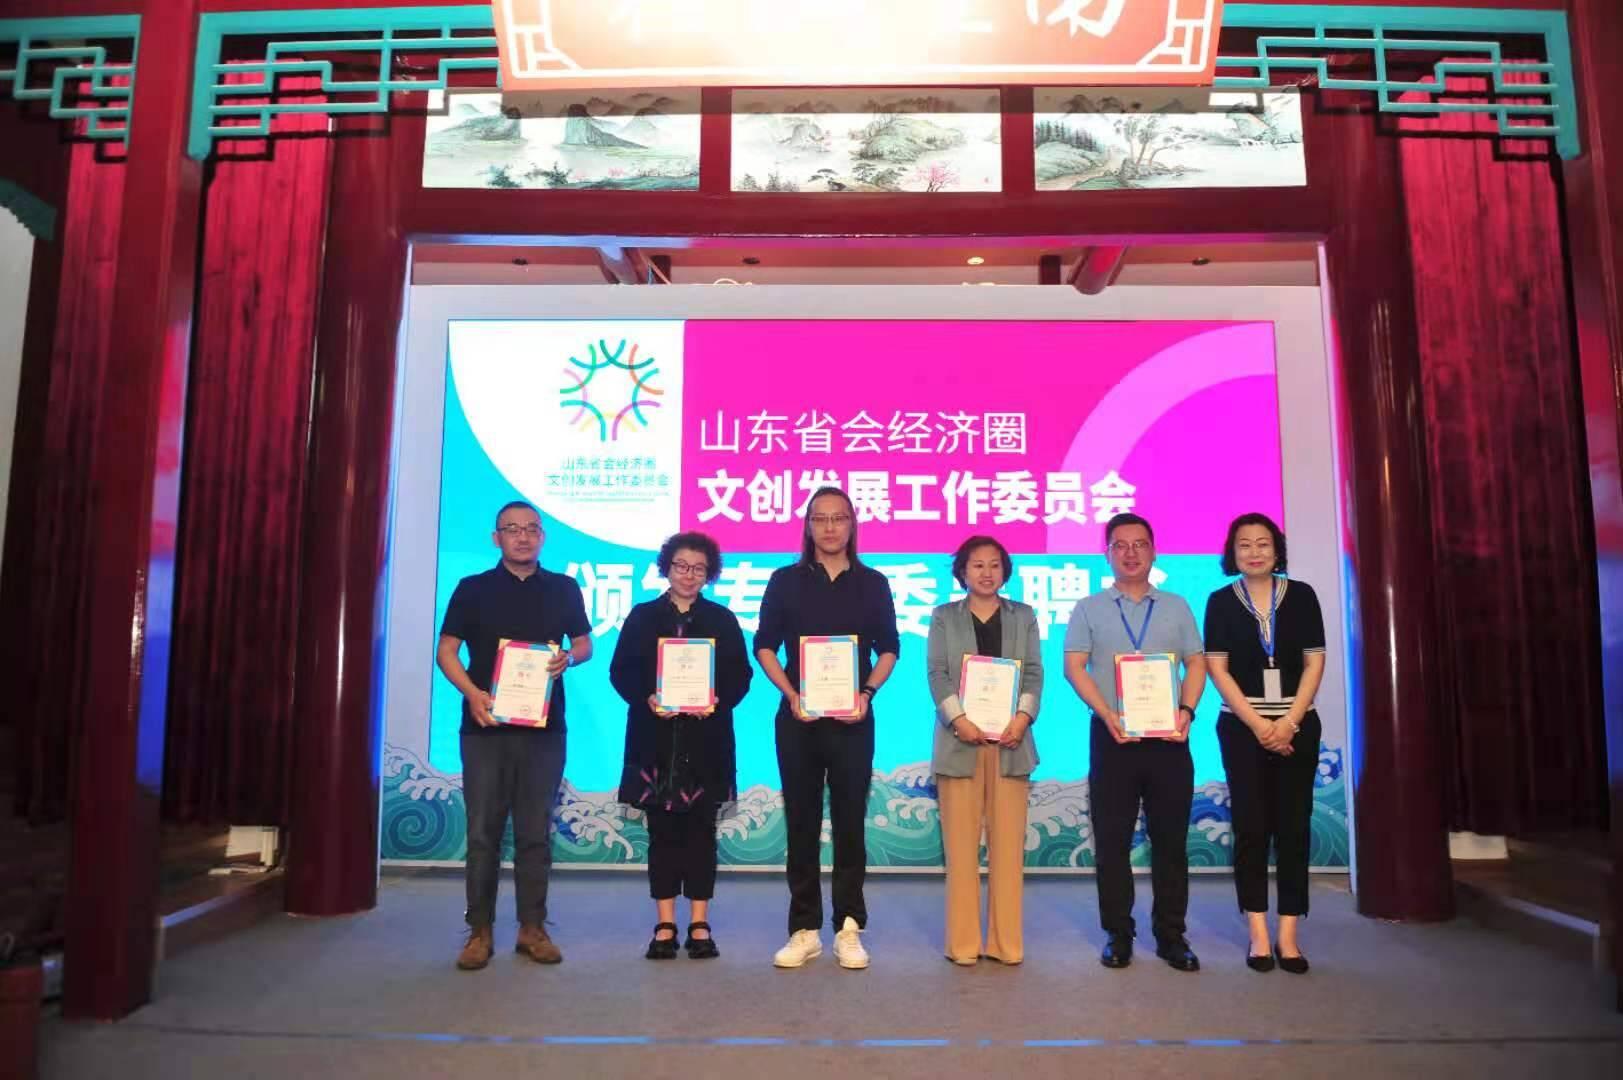 山东省会经济圈文创发展工作委员会正式成立